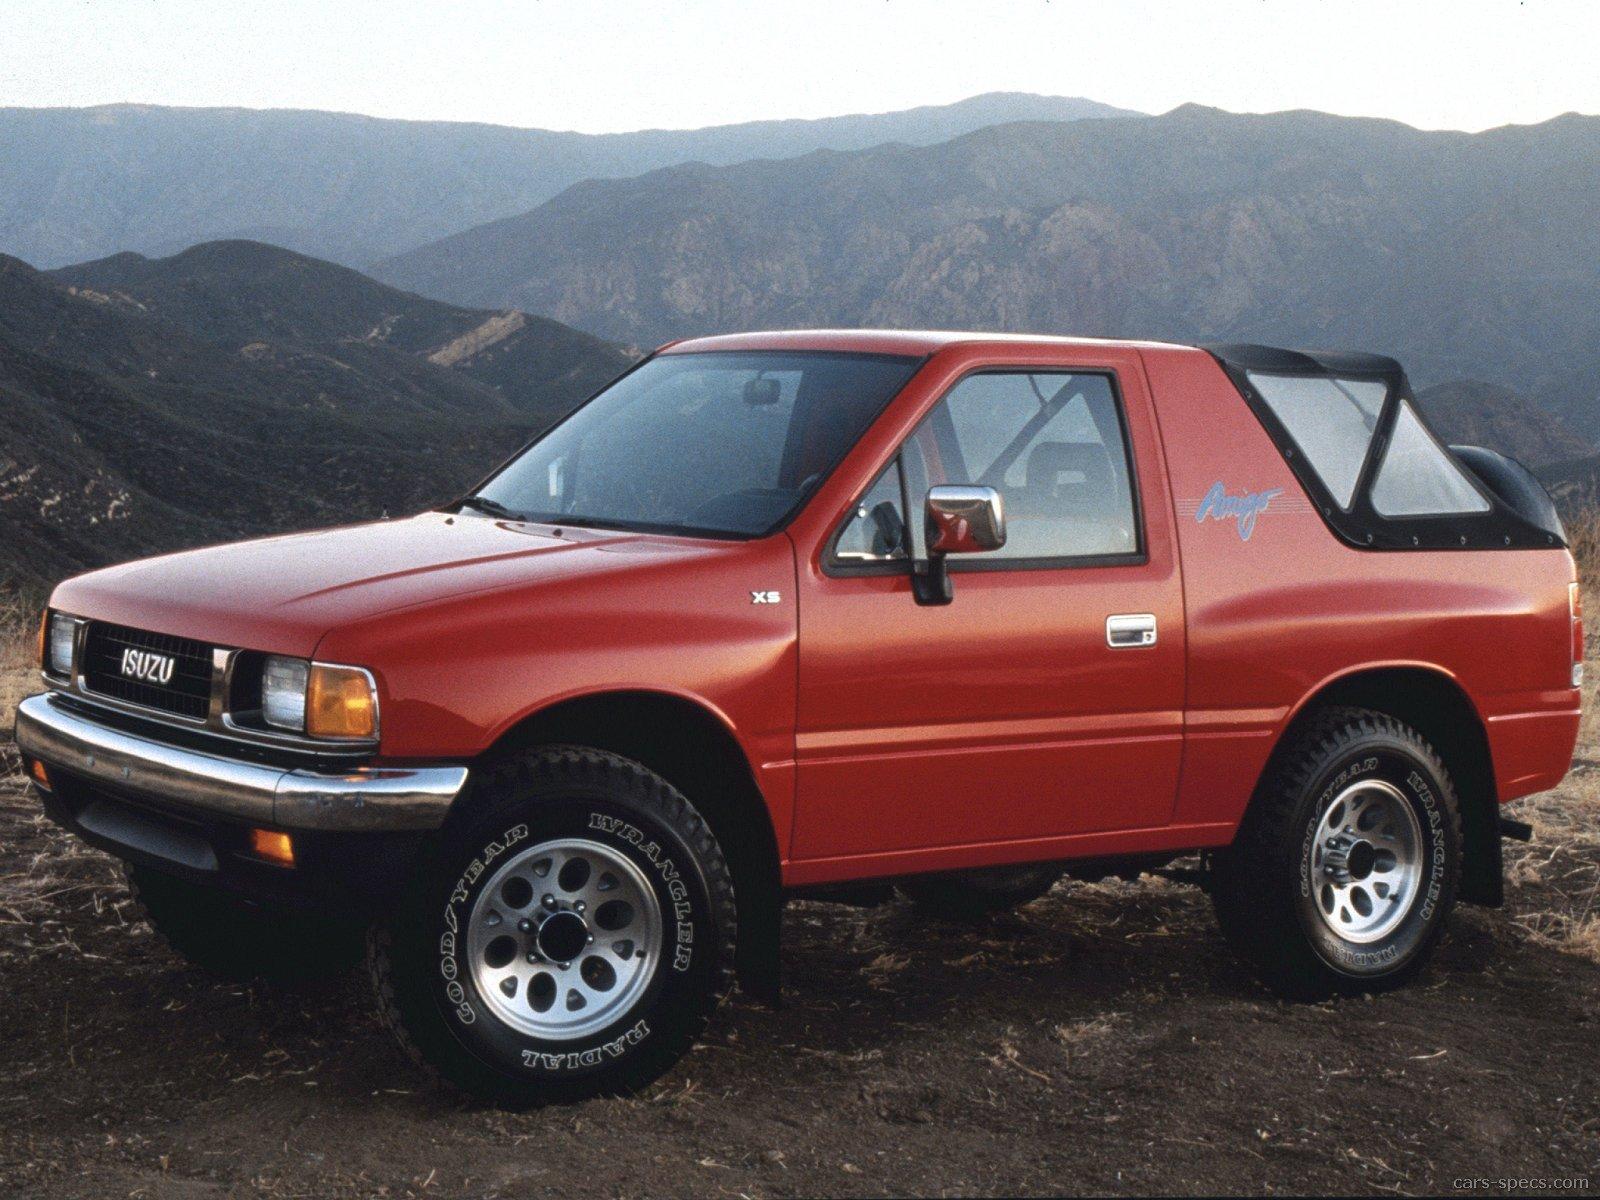 1993 isuzu amigo s w soft top 2dr suv 2 3l 4 cyl 5 speed manual